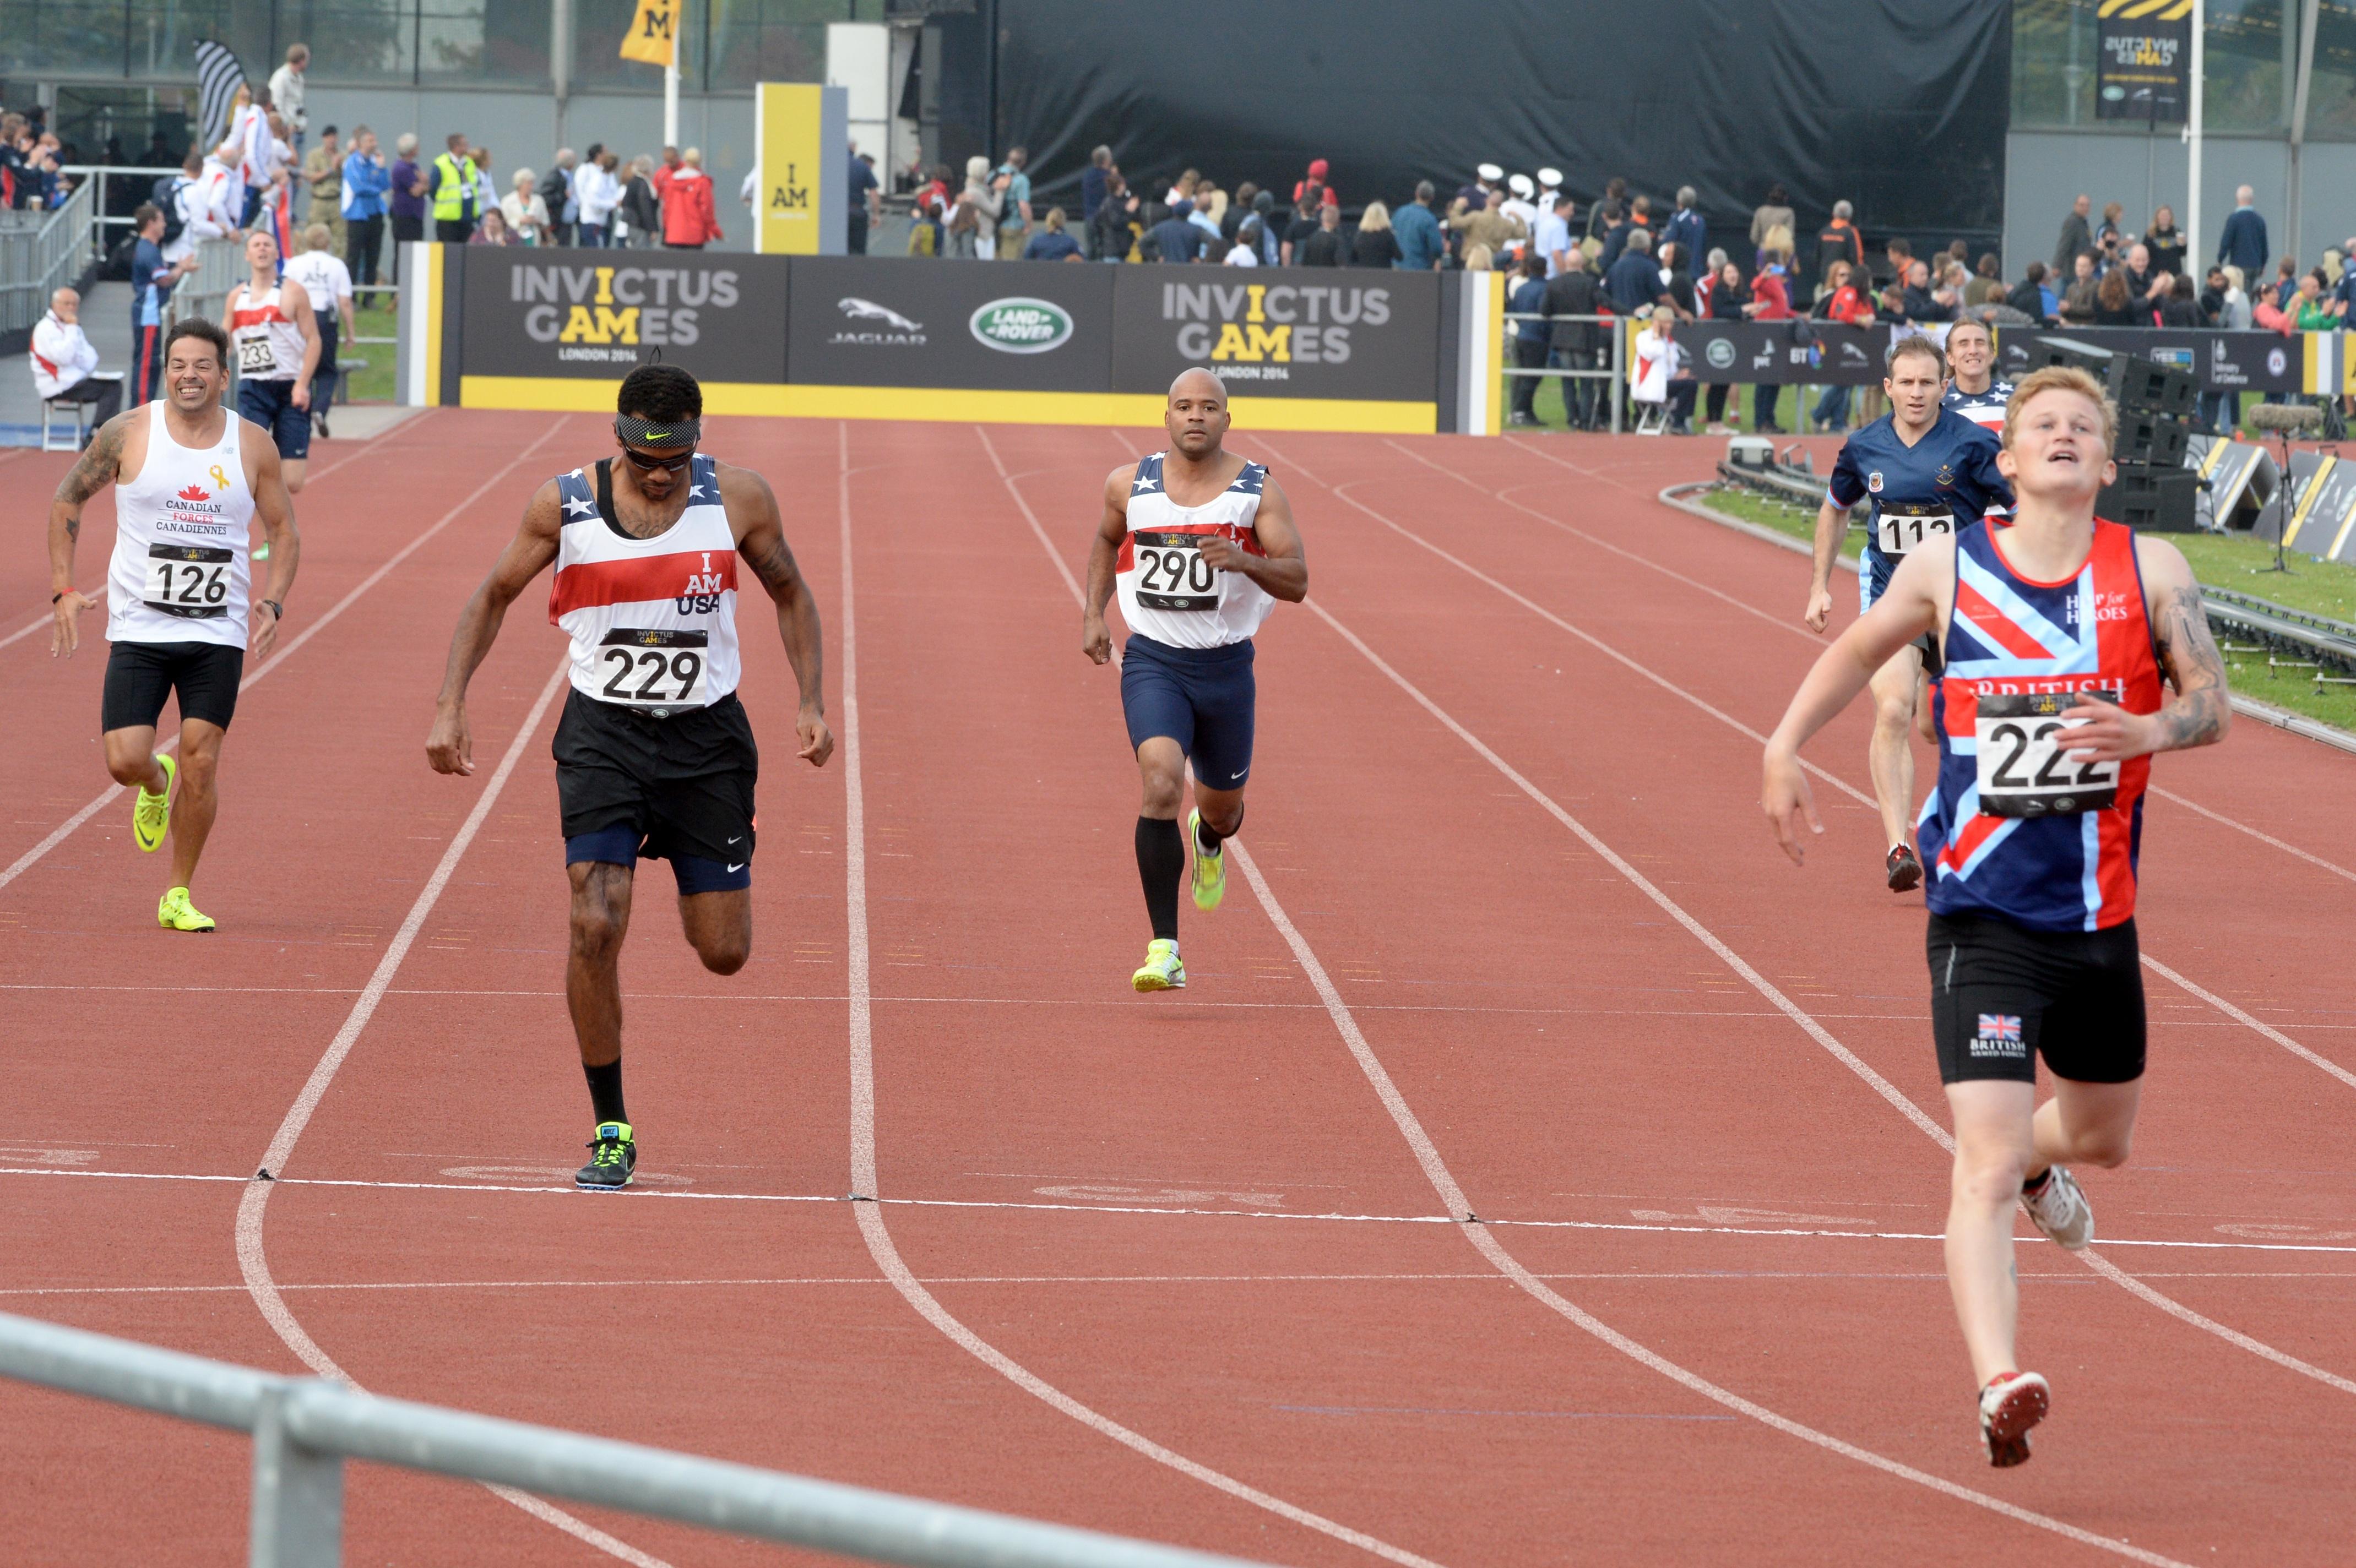 817327ebc5 Fotos gratis : pista, corriendo, masculino, competencia, fuera de, hombres,  Adultos, Deportes, Carriles, carreras, Corredores, resistencia, rápido,  Atletas, ...